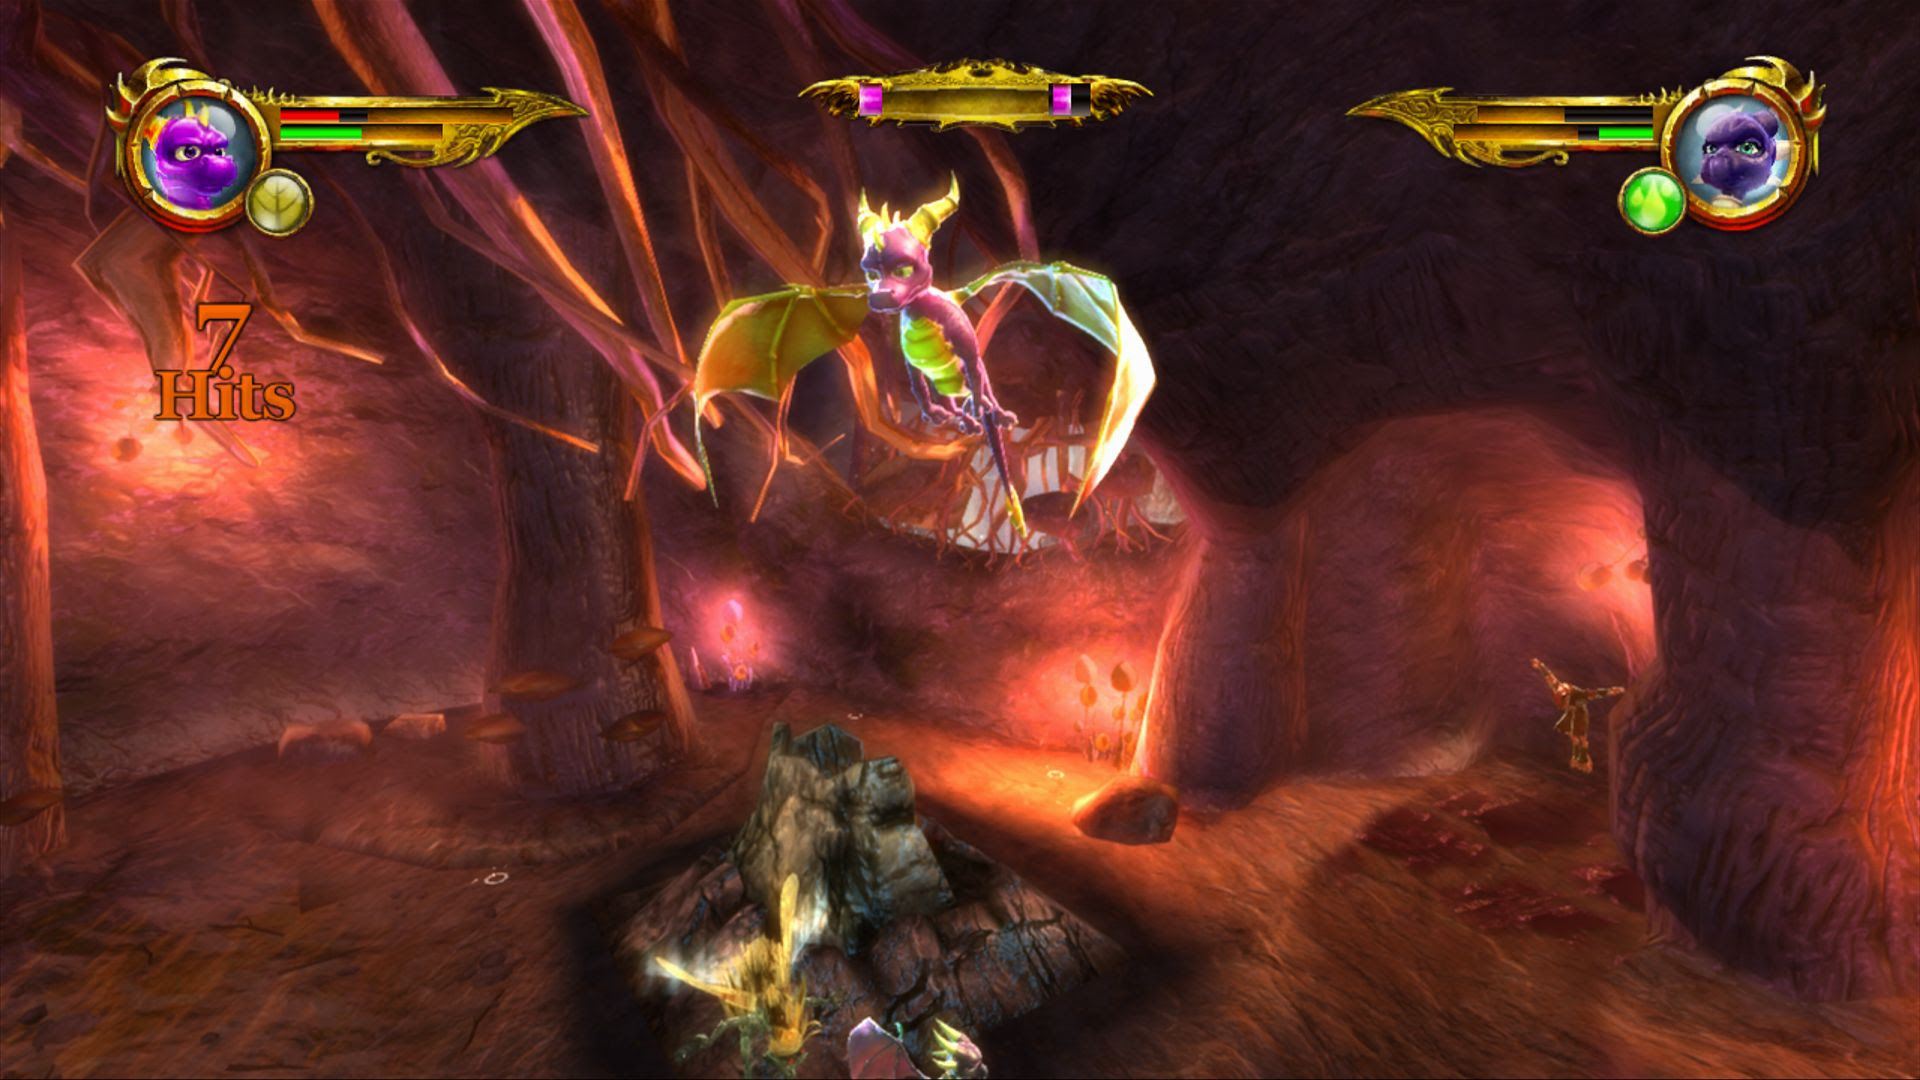 Darkspyro The Legend Of Spyro Dawn Of The Dragon Gallery